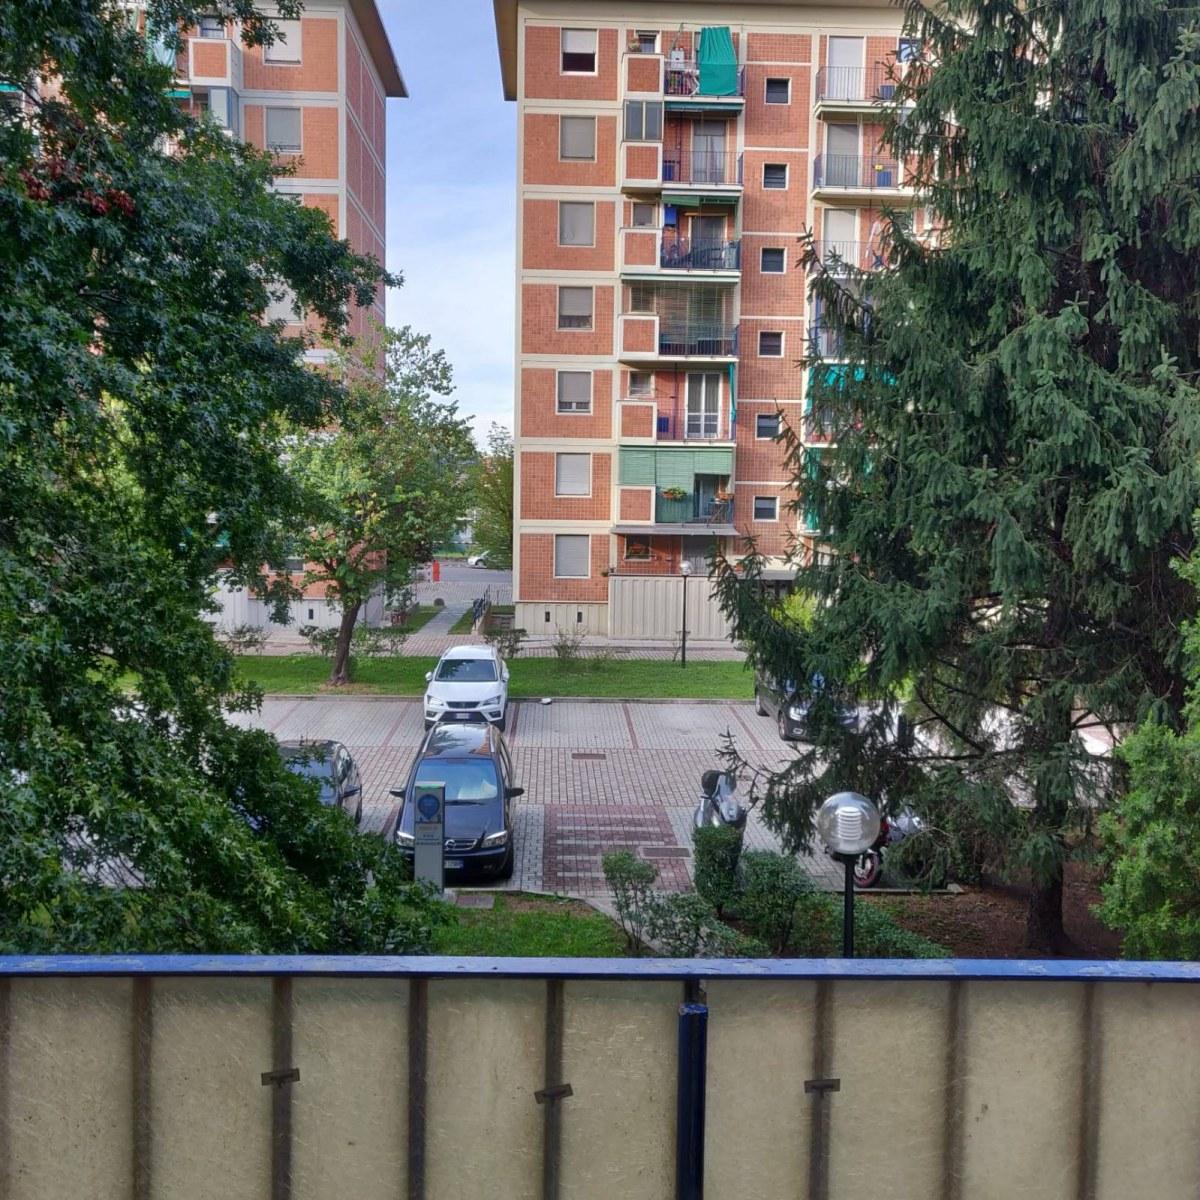 appartamento-in-vendita-milano-quartiere-olmi-milano-baggio-spaziourbano-immobiliare-vende-5